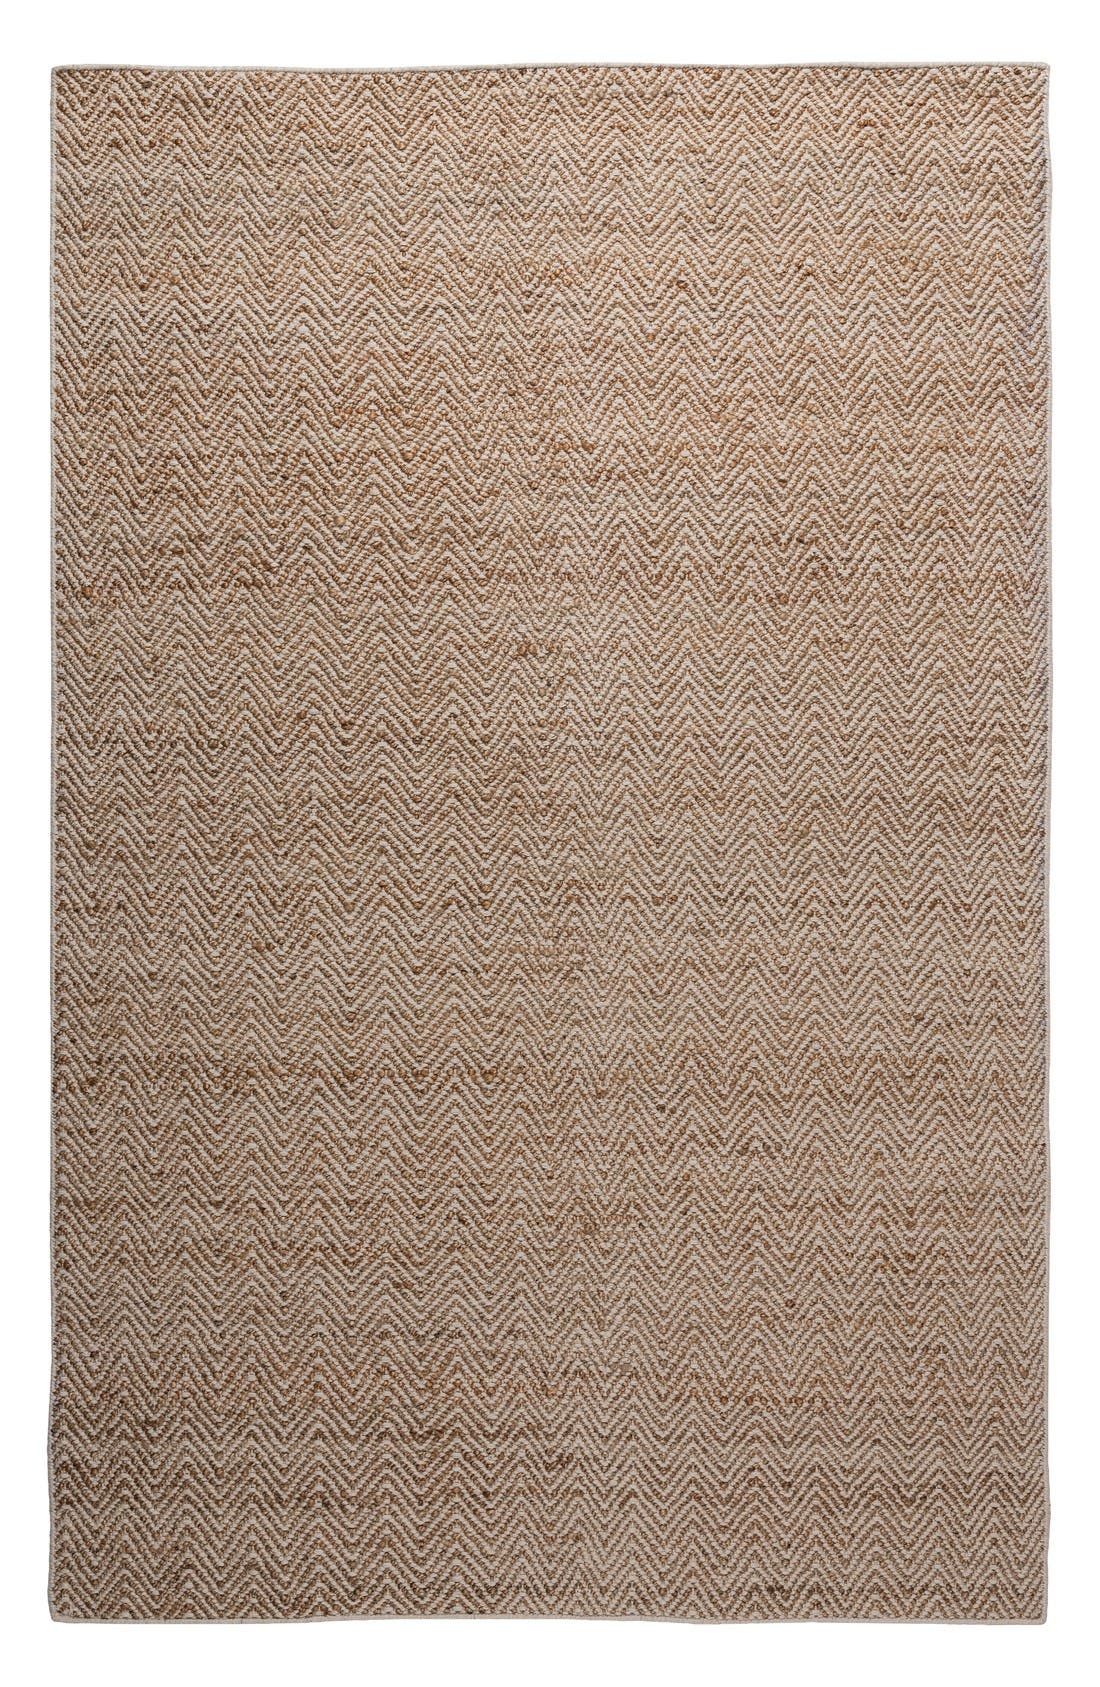 'Ellington' Hand Loomed Jute & Wool Area Rug,                         Main,                         color, Beige